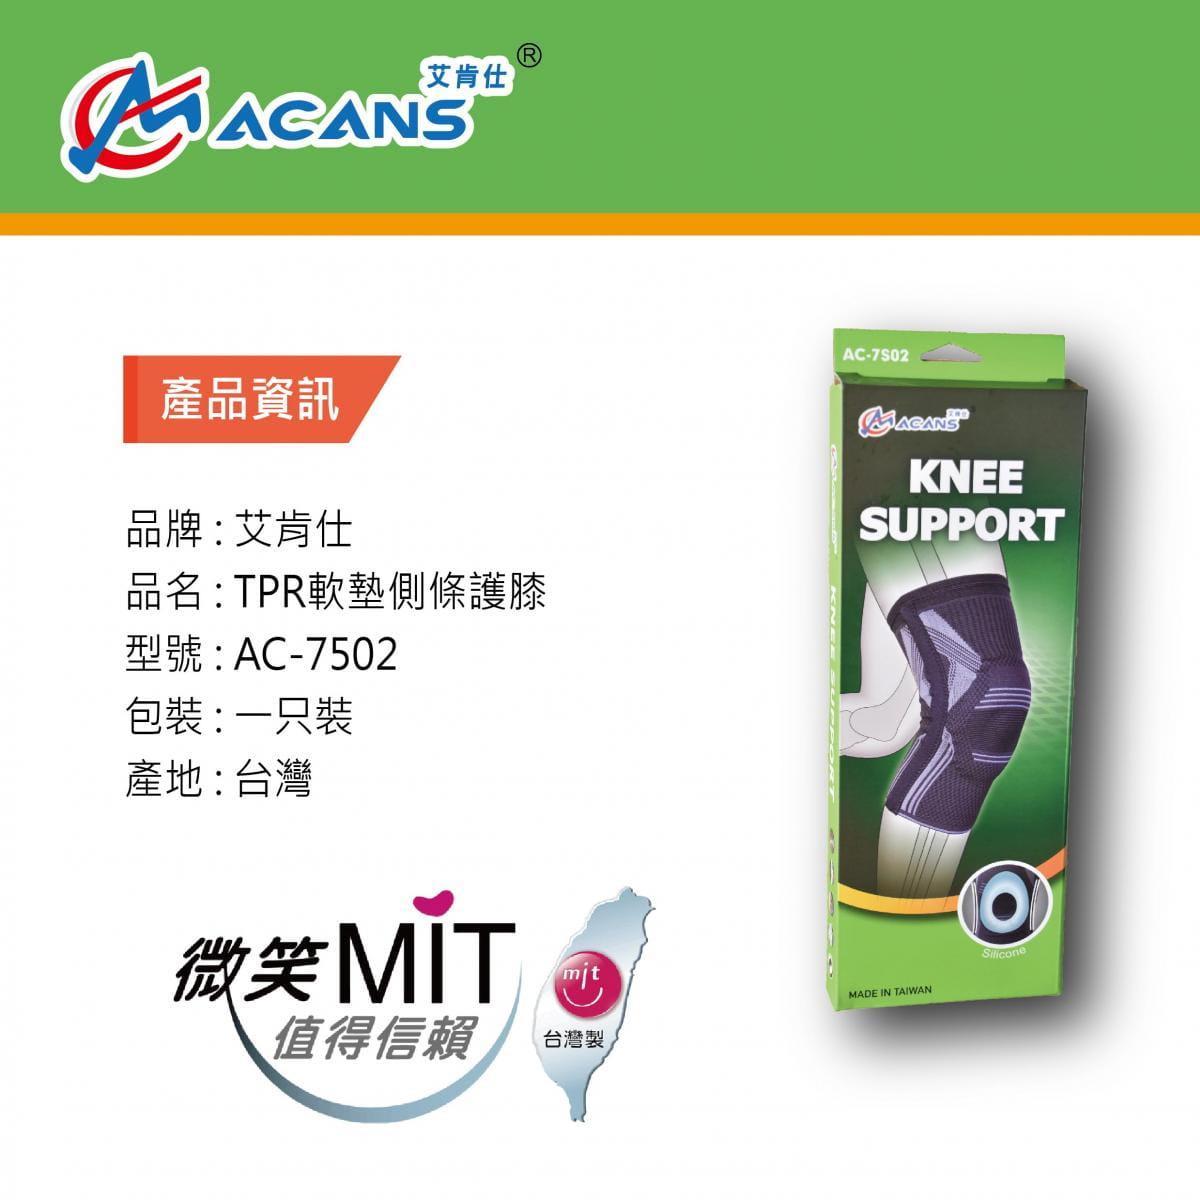 【艾肯仕】AC-7S02套入式凝膠護膝(MIT台灣製造) 7